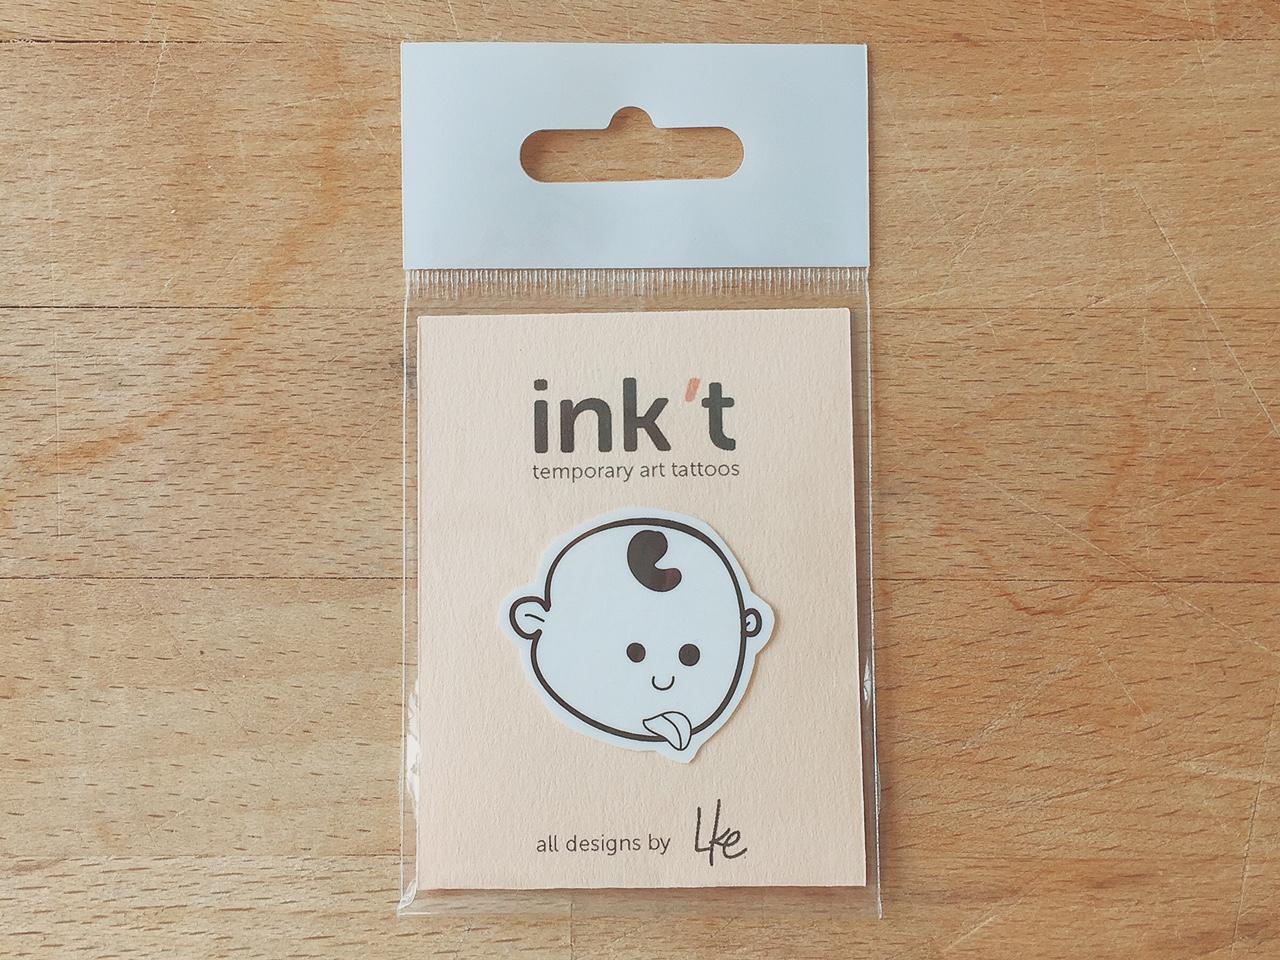 ink't 't Wisterke